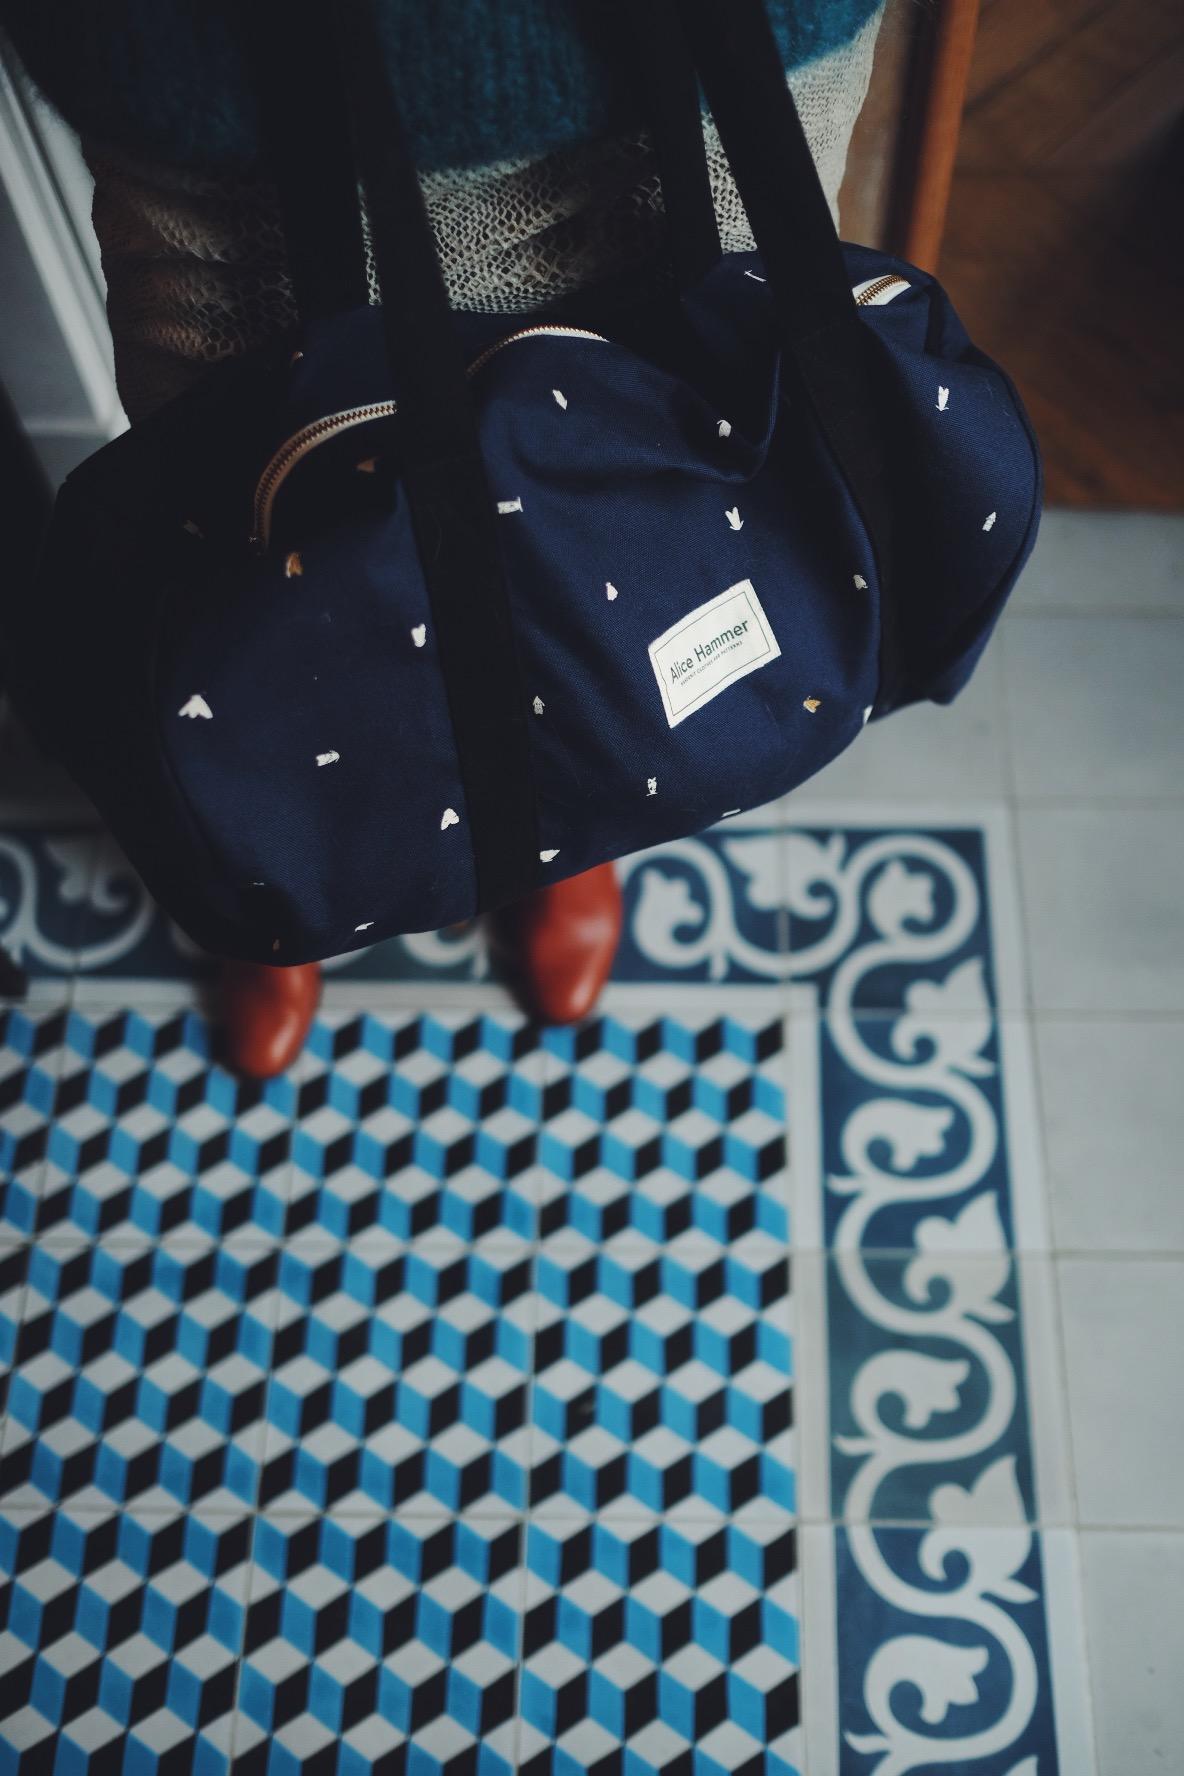 MENTAL - As-tu des routines ou exercices qui permettent de luter contre le stress ?Le tricot, les mots croisés et faire la cuisine.En périodes difficiles, quels sont tes remèdes pour gérer le stress ?Le tricot et les copines.Des astuces que tu suis quand tu sens que tu vas attraper un rhume ?Tisane de thym / cannelle / clous de girofle, grohg le soir.As-tu des mantras que tu répètes régulièrement, qui te renforcent et t'aident à garder le cap ?Ca pourrait être pire, on est pas si mal sous nos tropiques, appelle les copines et ça ira mieux.En période difficile, de doutes, qu'est-ce que tu te dis pour remonter la pente ? Dans quel état d'esprit es-tu pour continuer à avancer et affronter les difficultés ?Ca ira mieux demain.